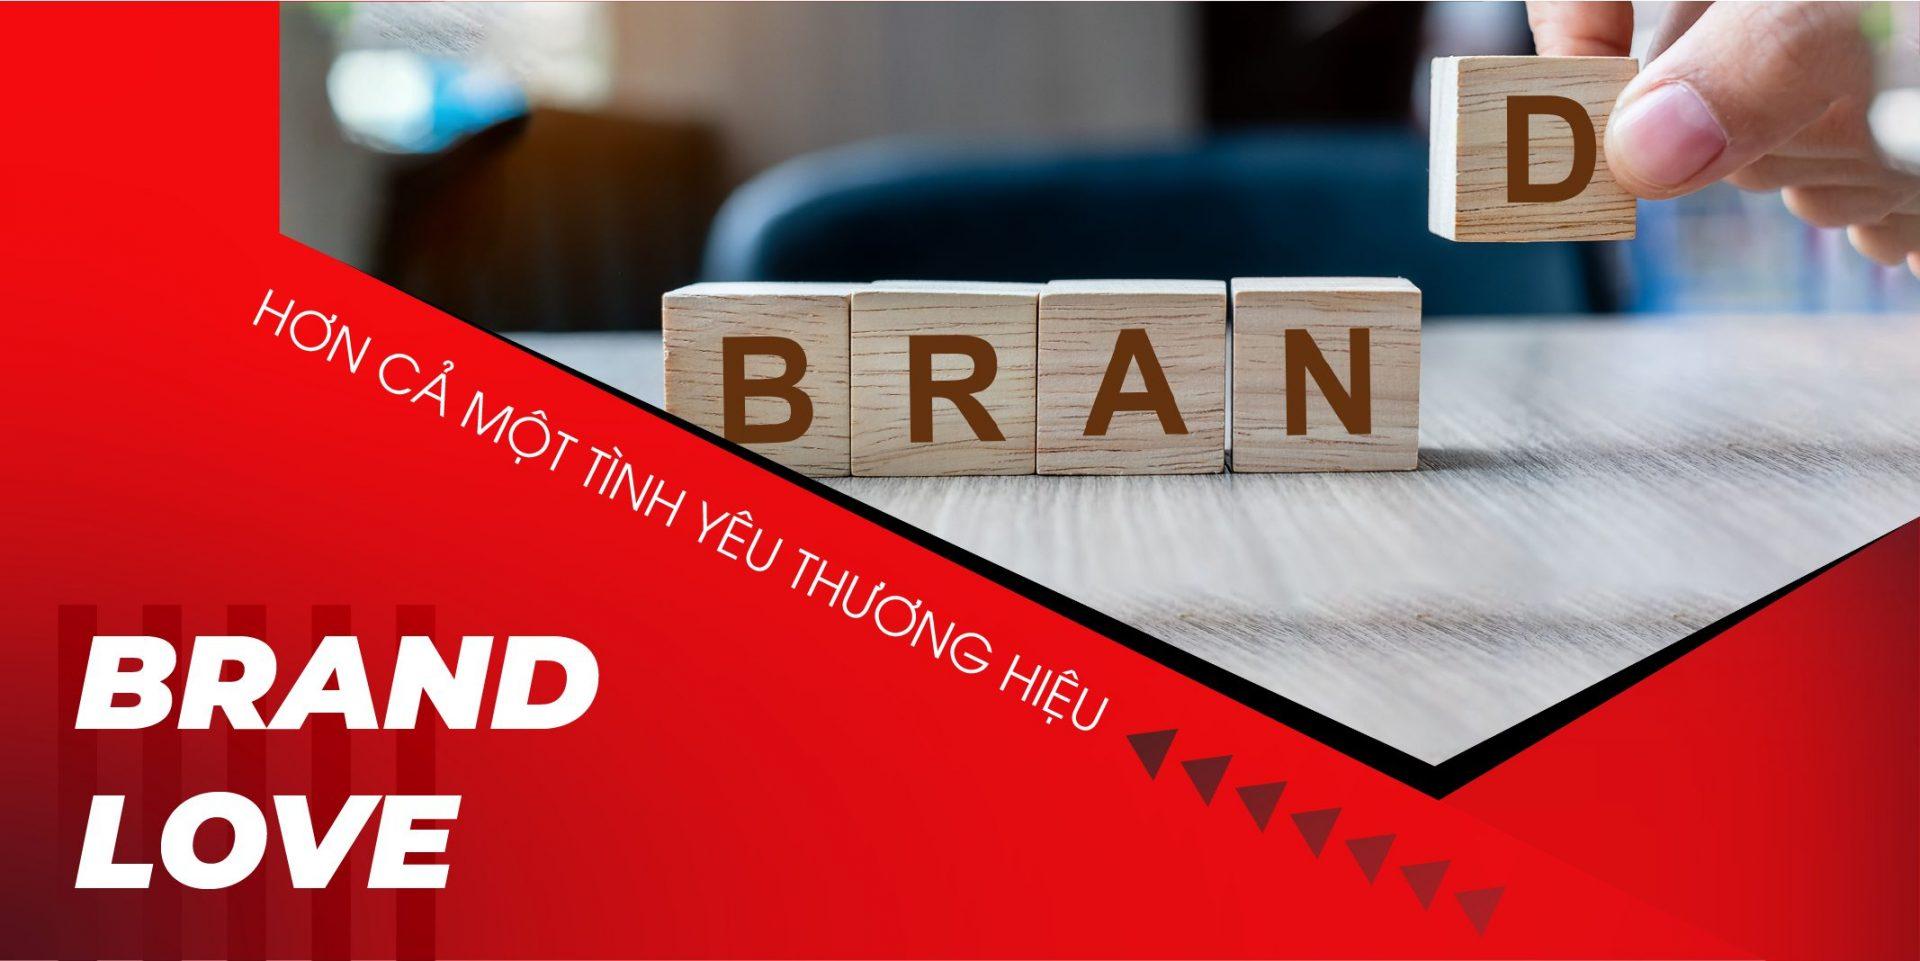 Brand Love – hơn cả một tình yêu thương hiệu